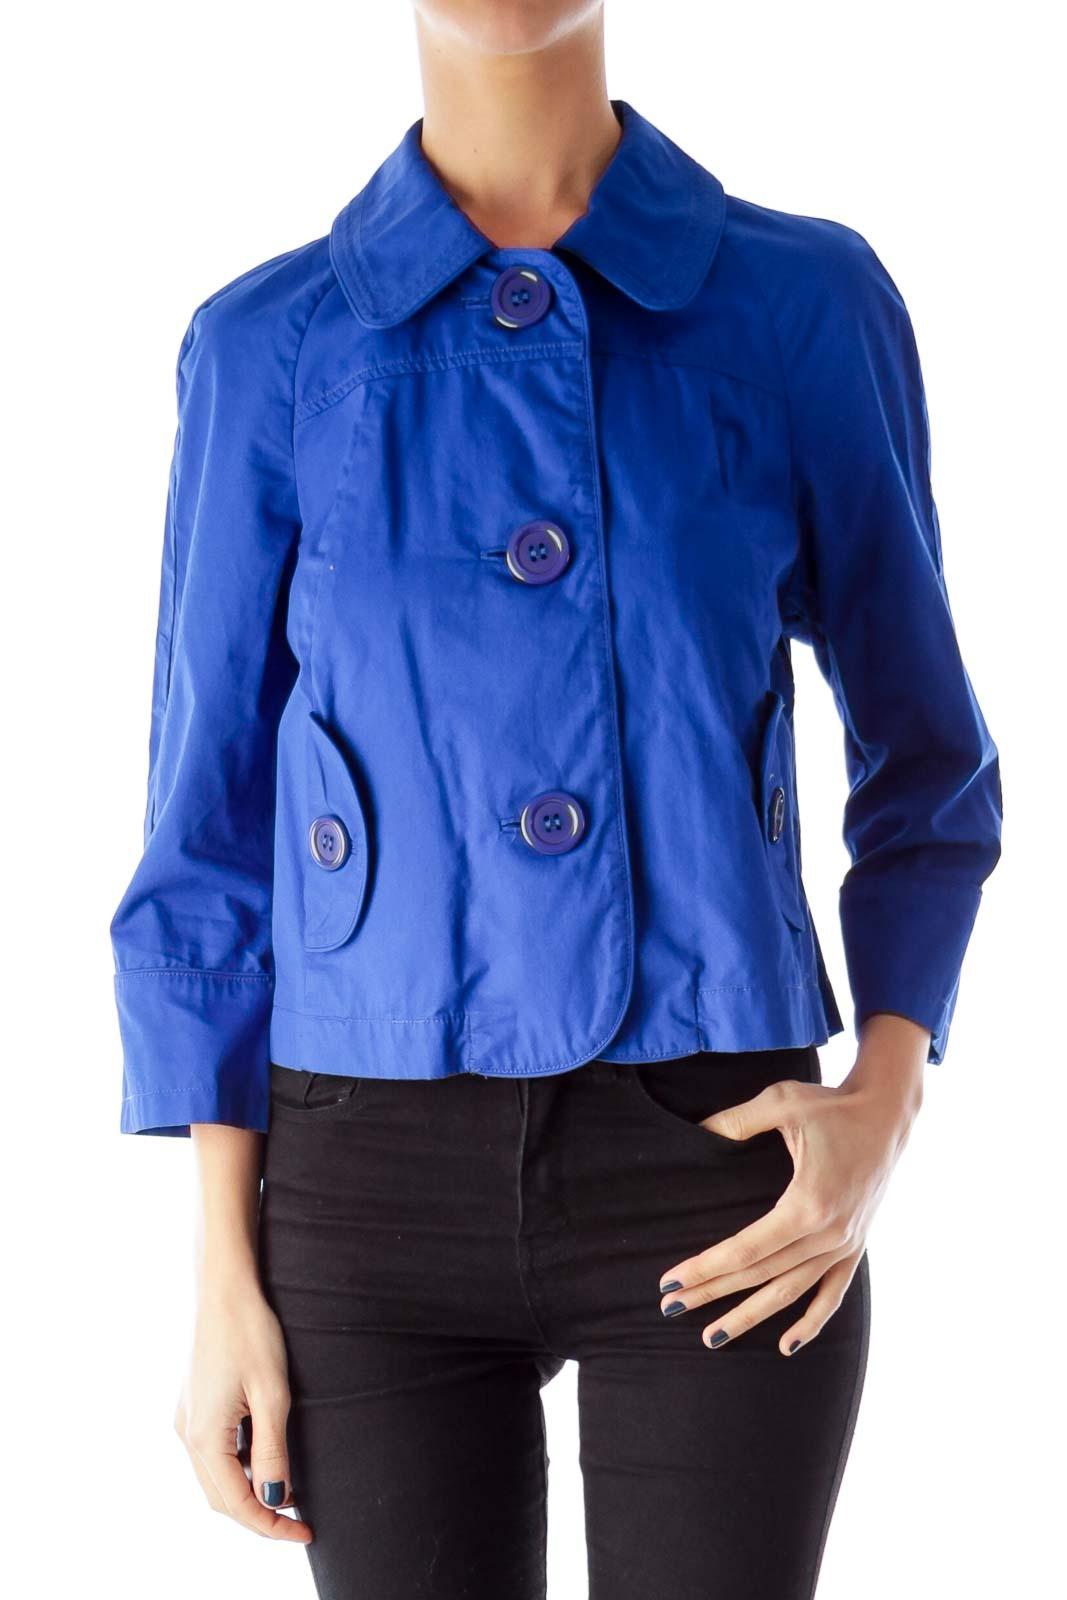 Blue 3/4 Sleeve Jacket Front